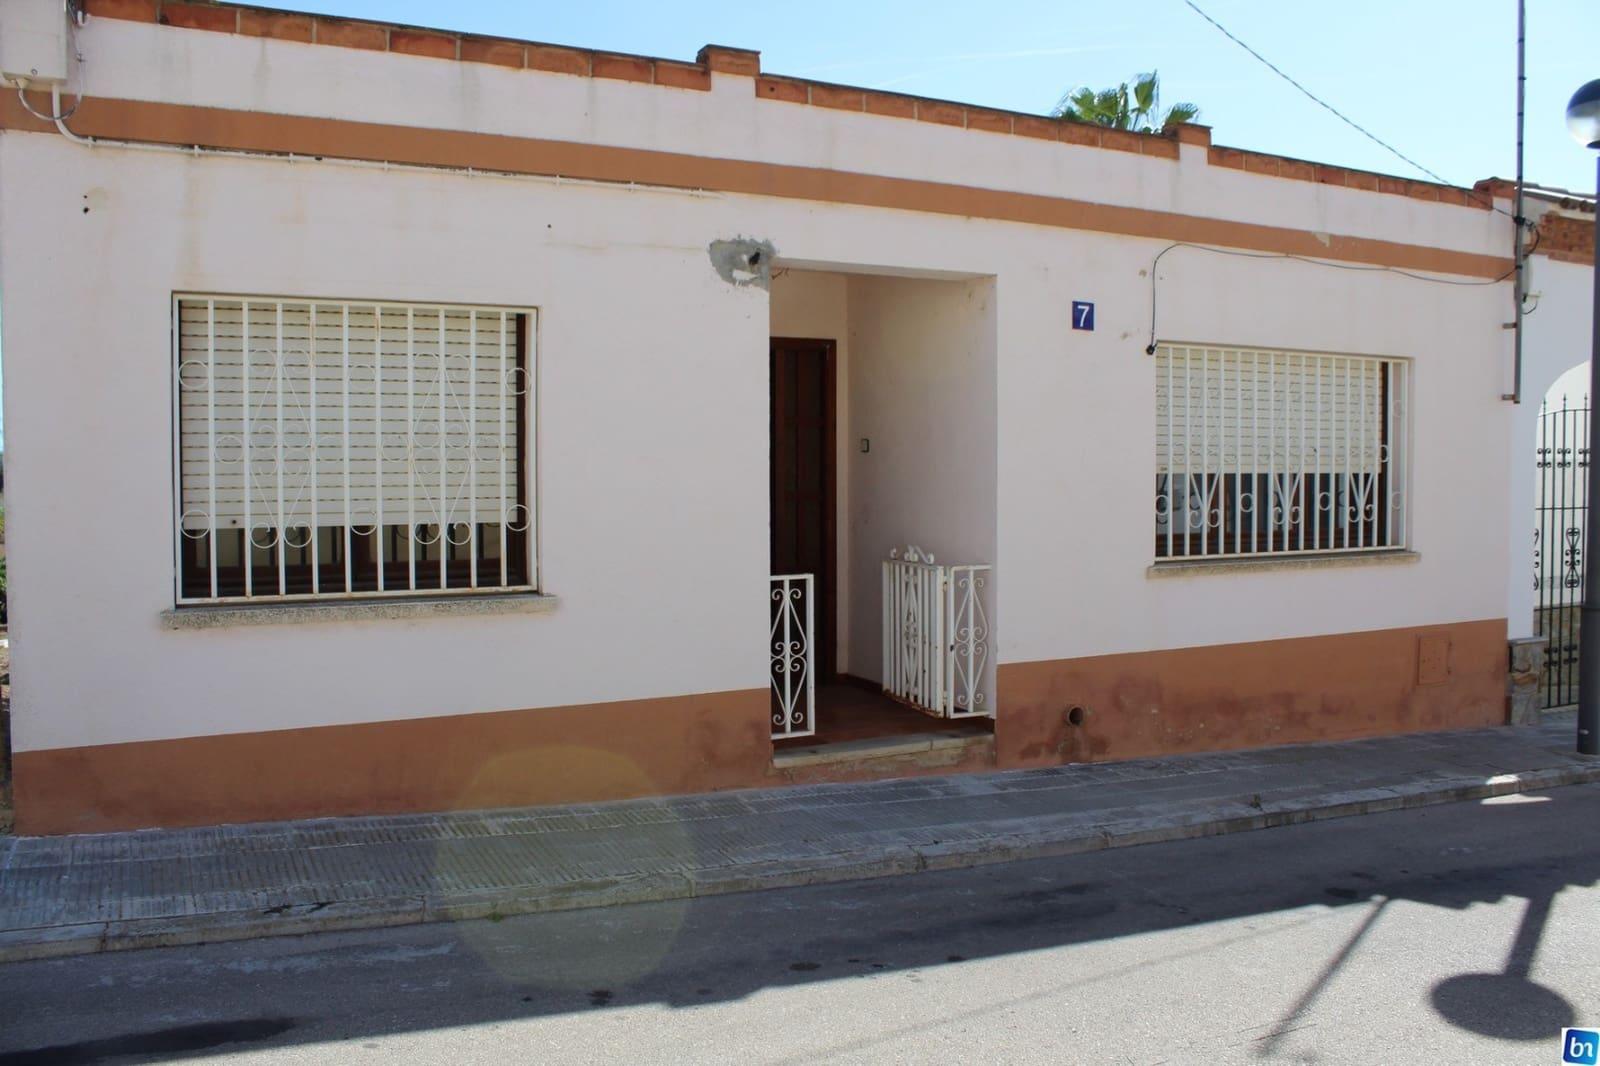 Adosado de 3 habitaciones en Llorenç del Penedès en venta - 186.200 € (Ref: 5009580)